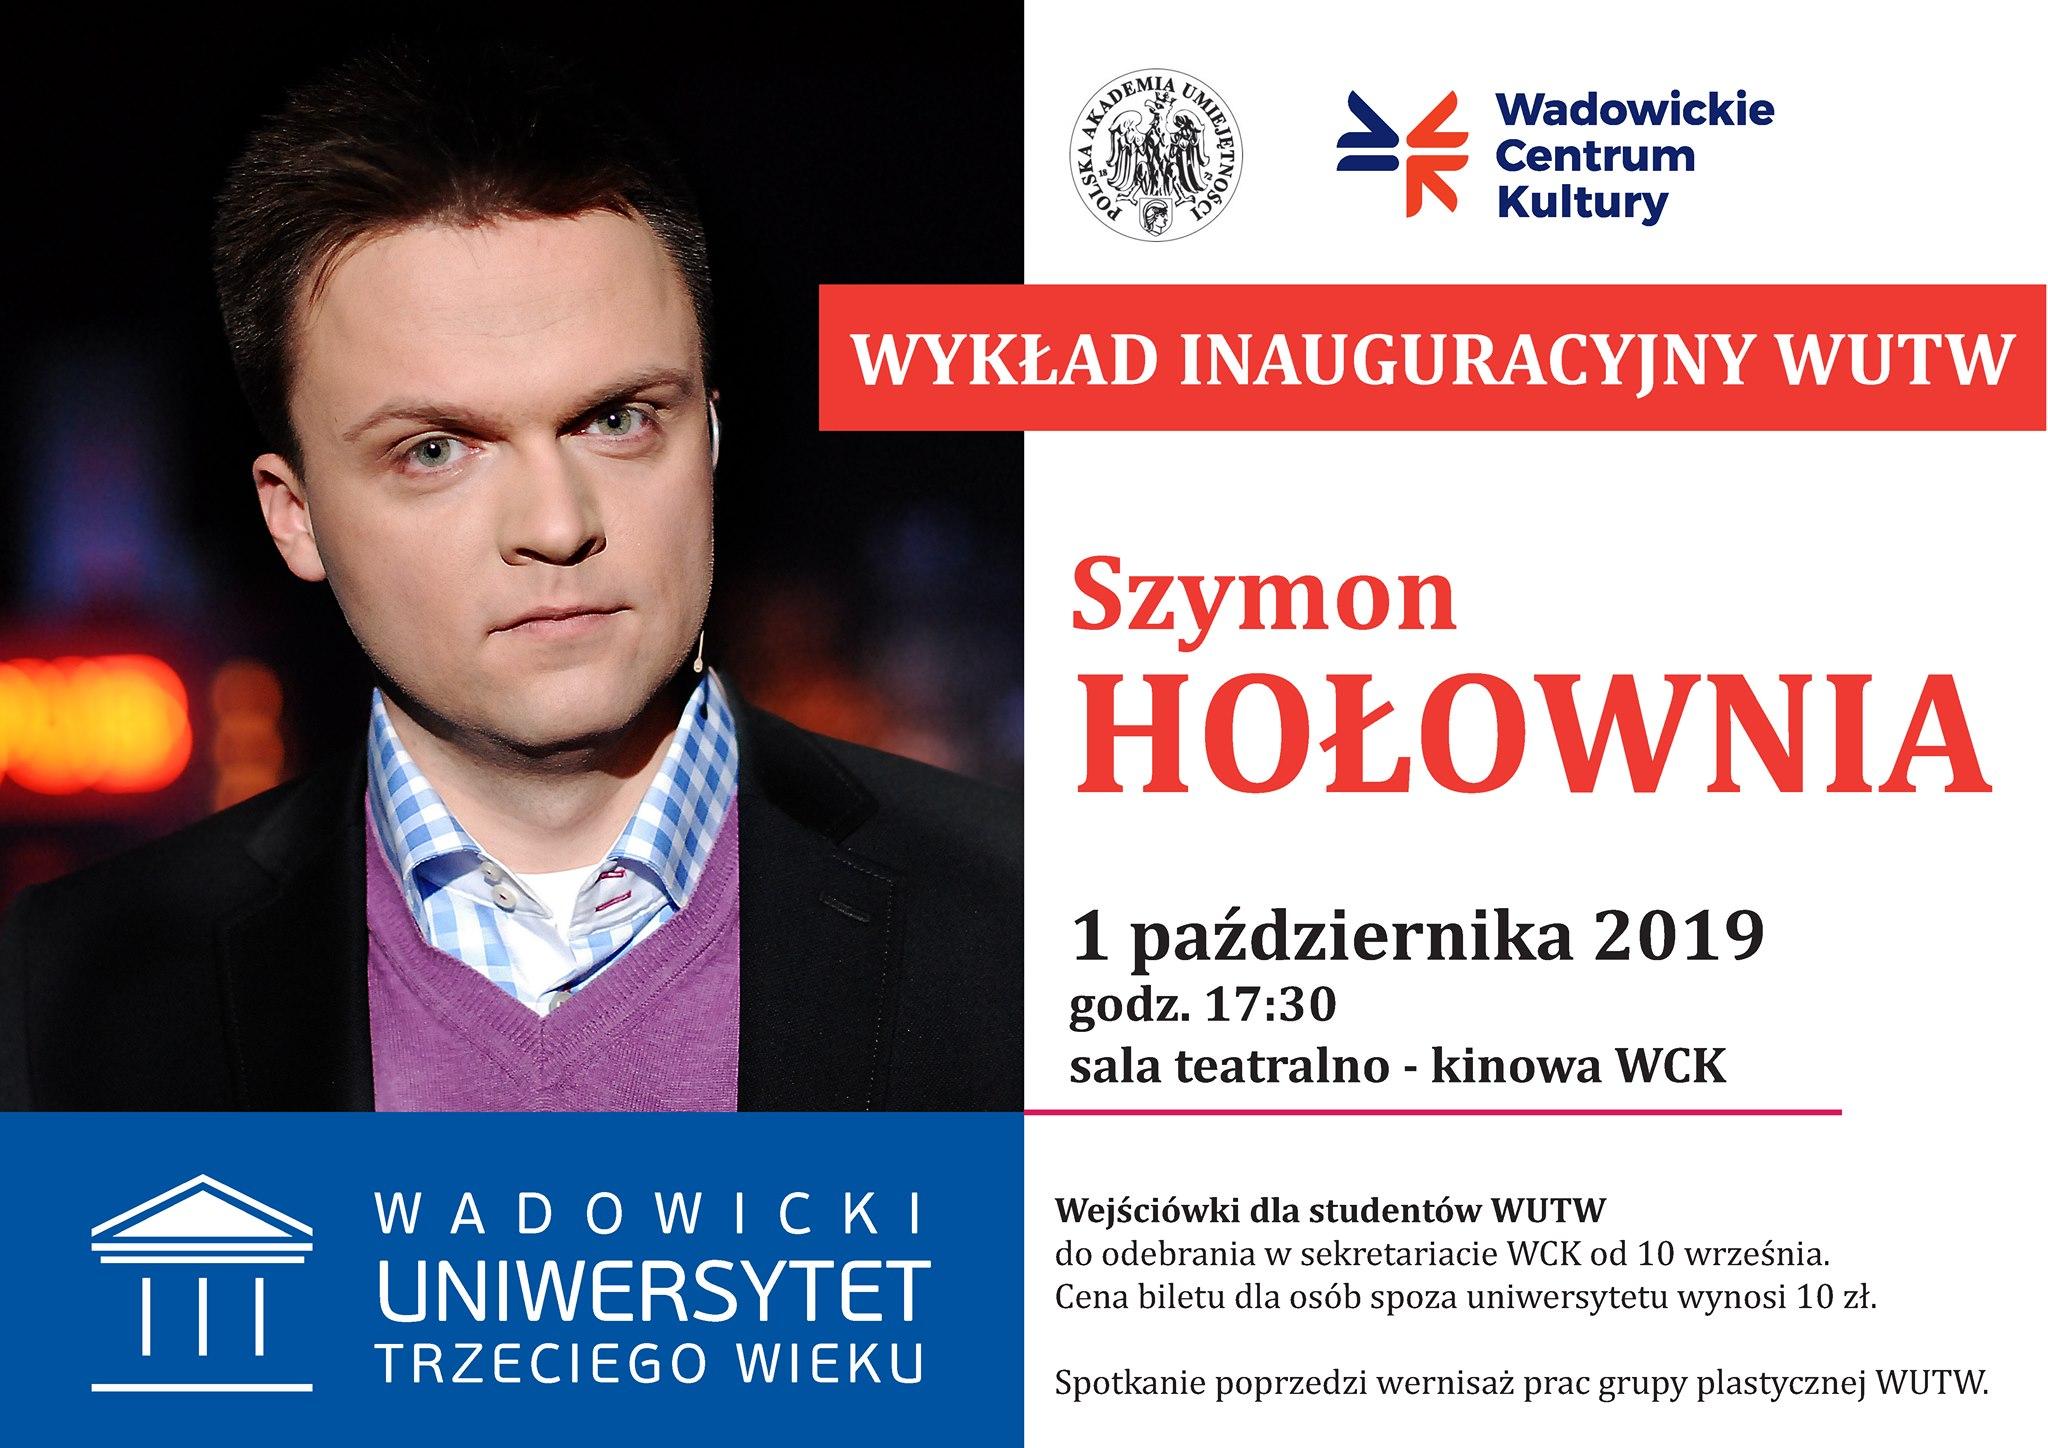 Szymon Hołownia gościem w centrum kultury